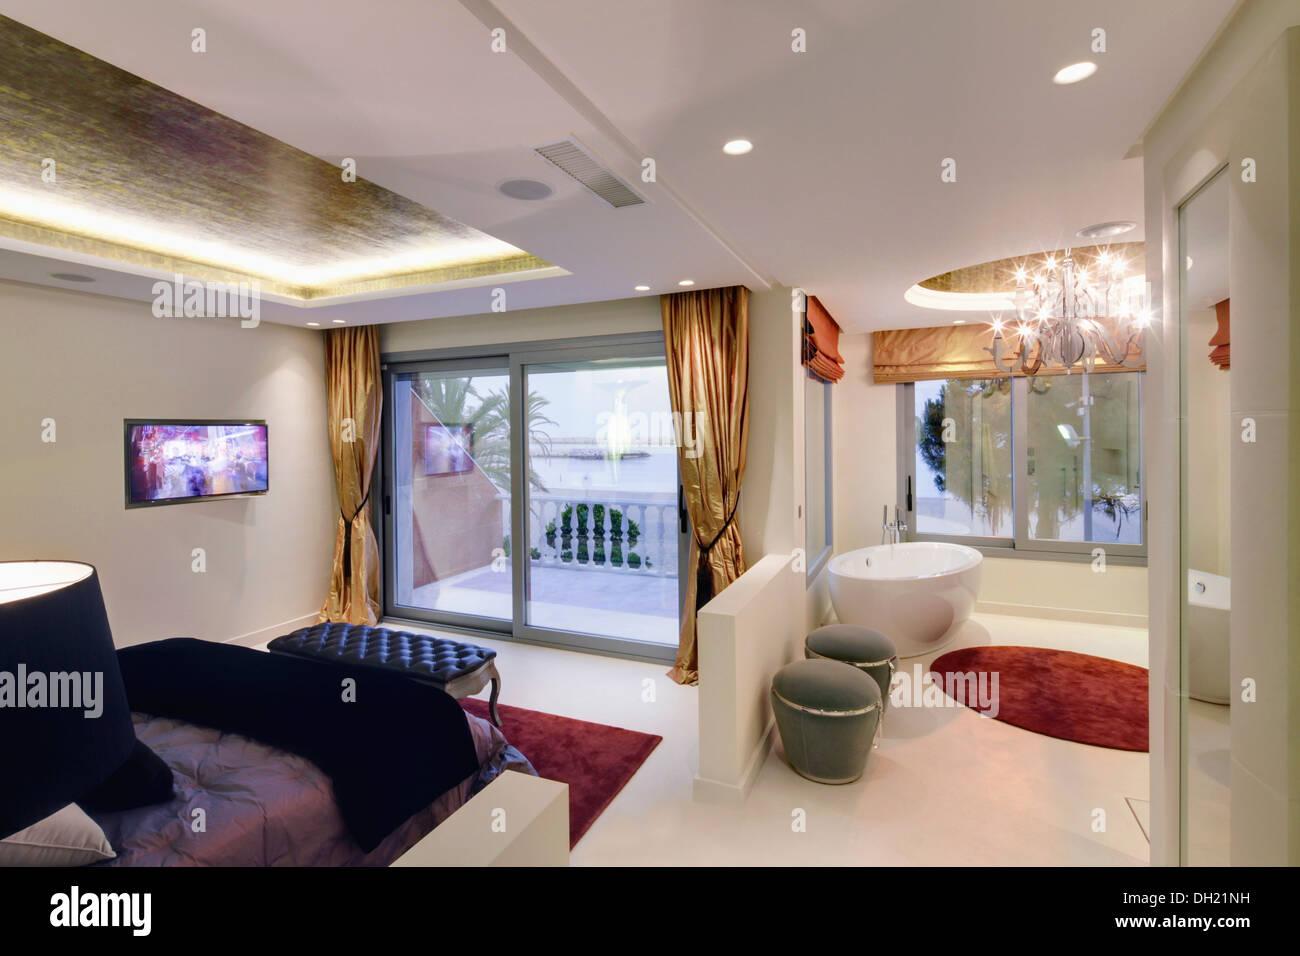 Bagno Aperto In Camera : Pavimento bianco in piano aperto camera da letto e stanza da bagno